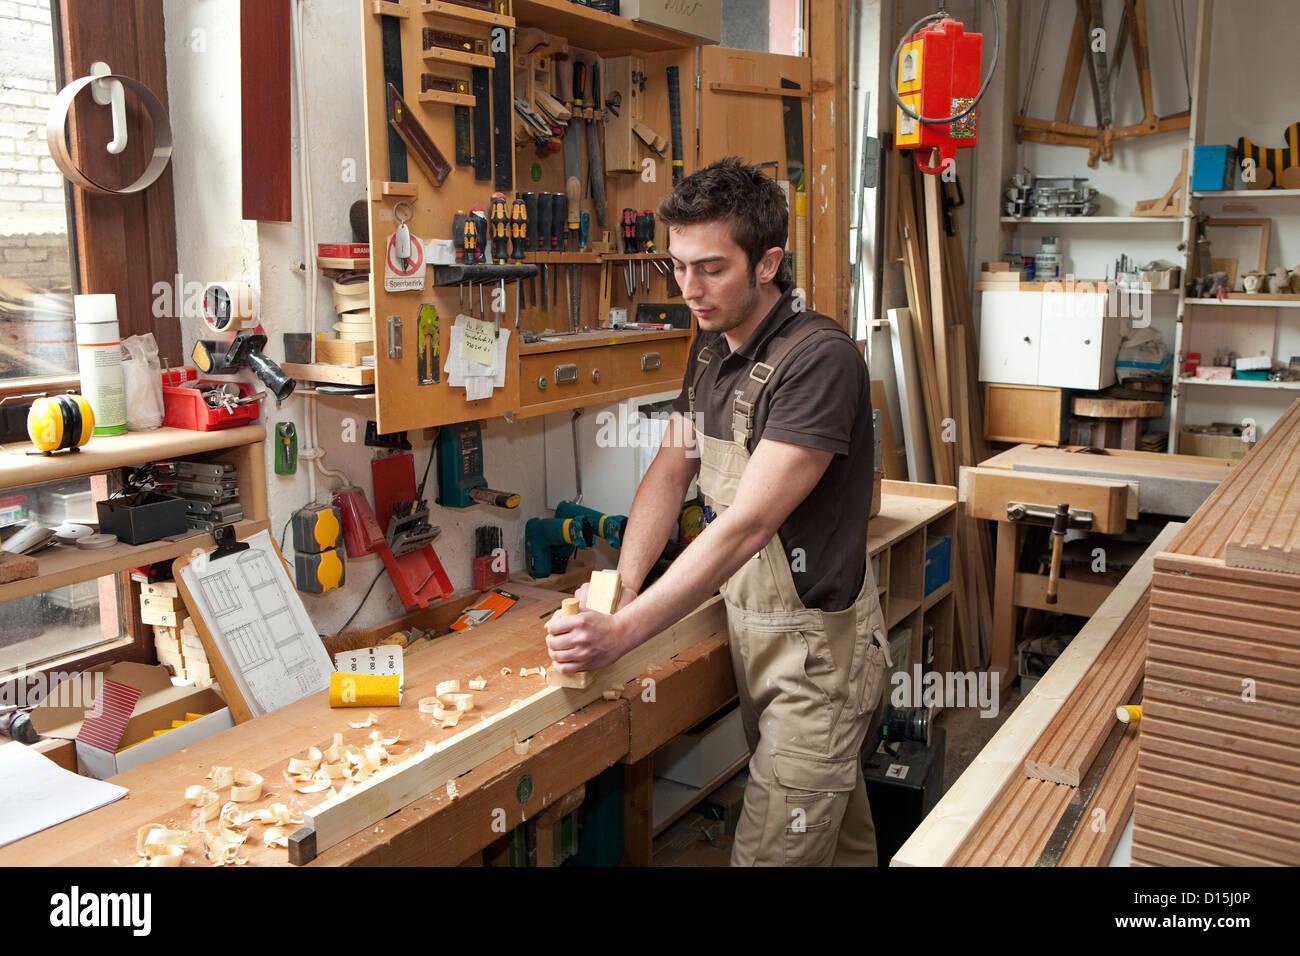 Tischlerei Düsseldorf düsseldorf lehrling tischler in einer tischlerei stockfoto bild